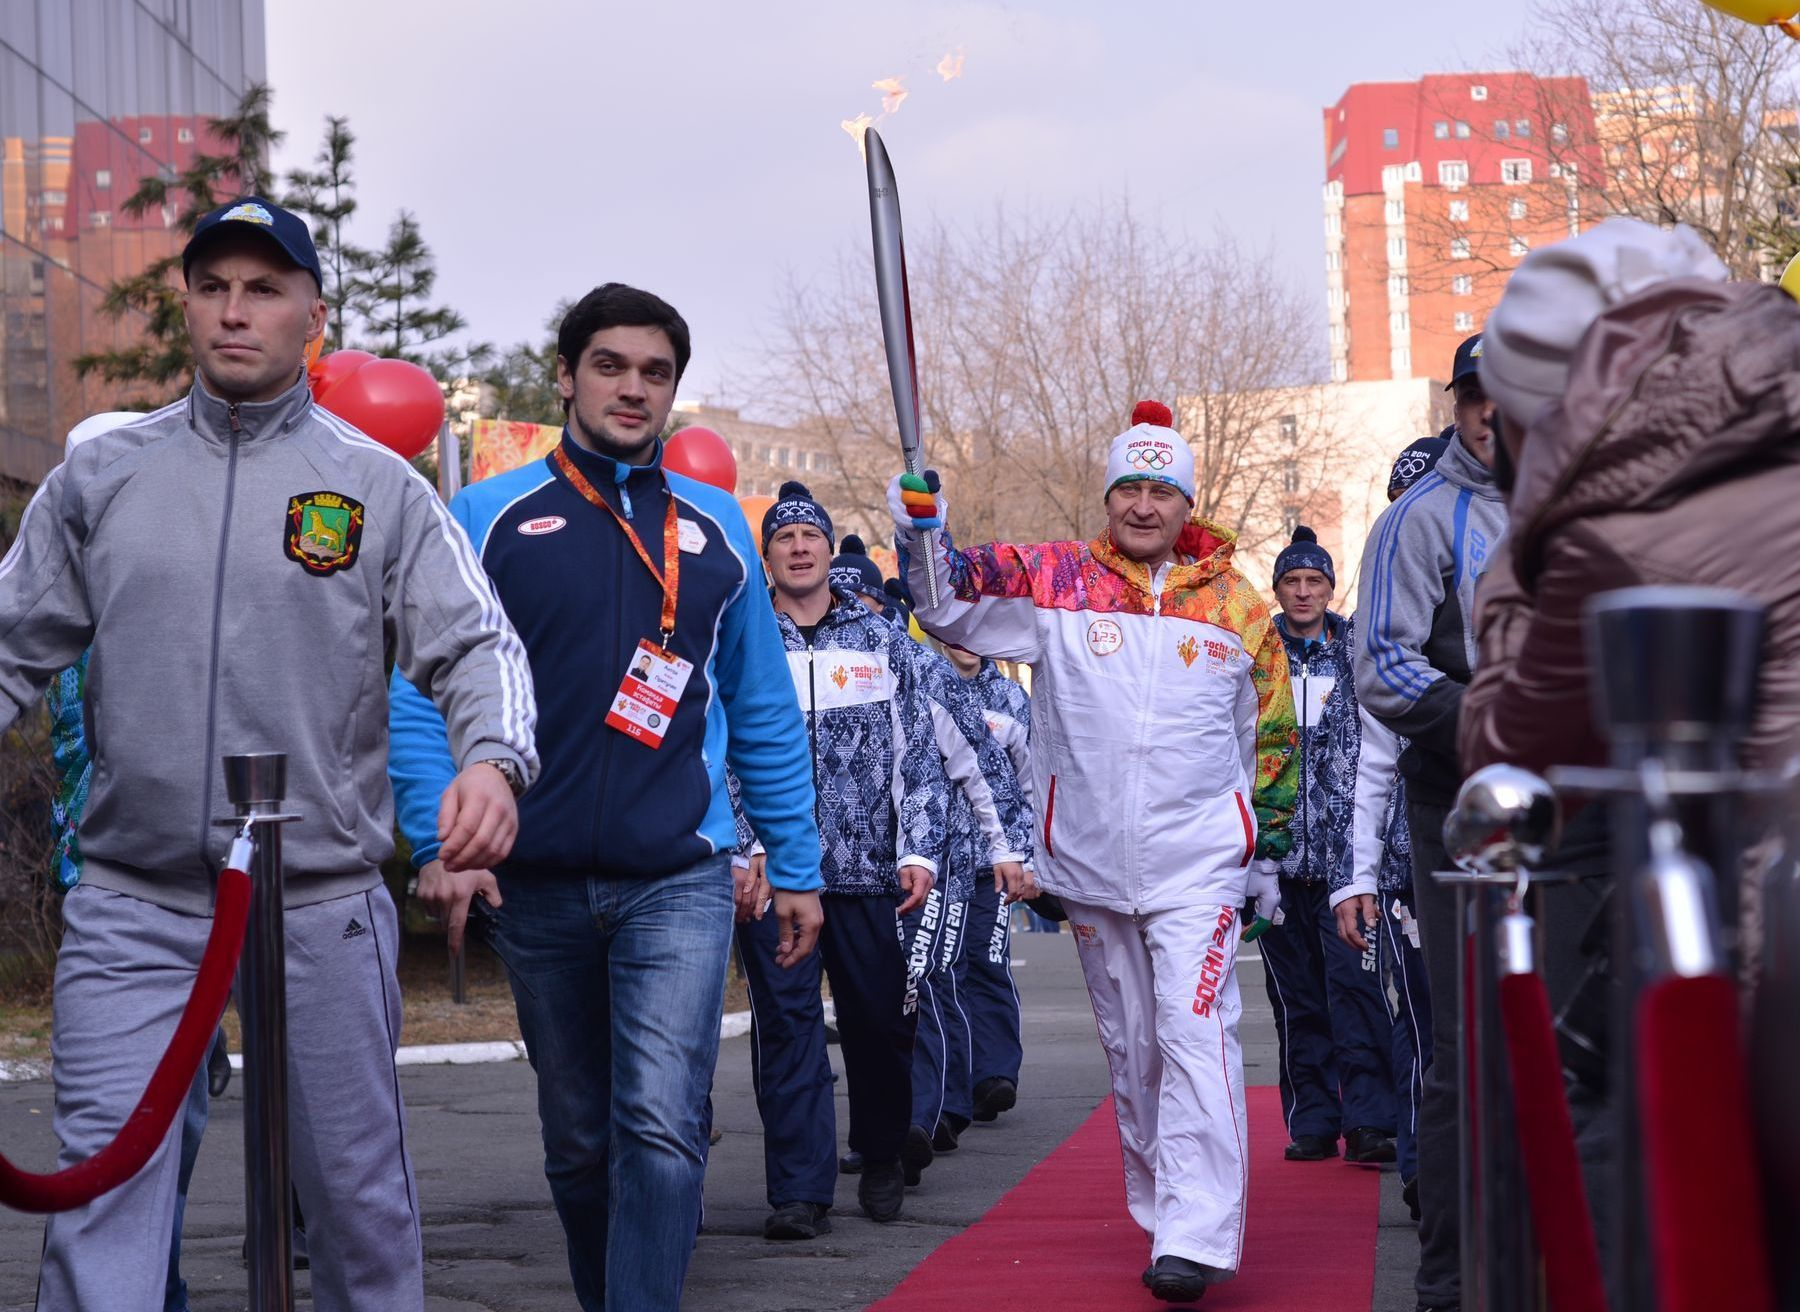 Студенты и преподаватели ВГУЭС могут стать факелоносцами на Зимней универсиаде-2019